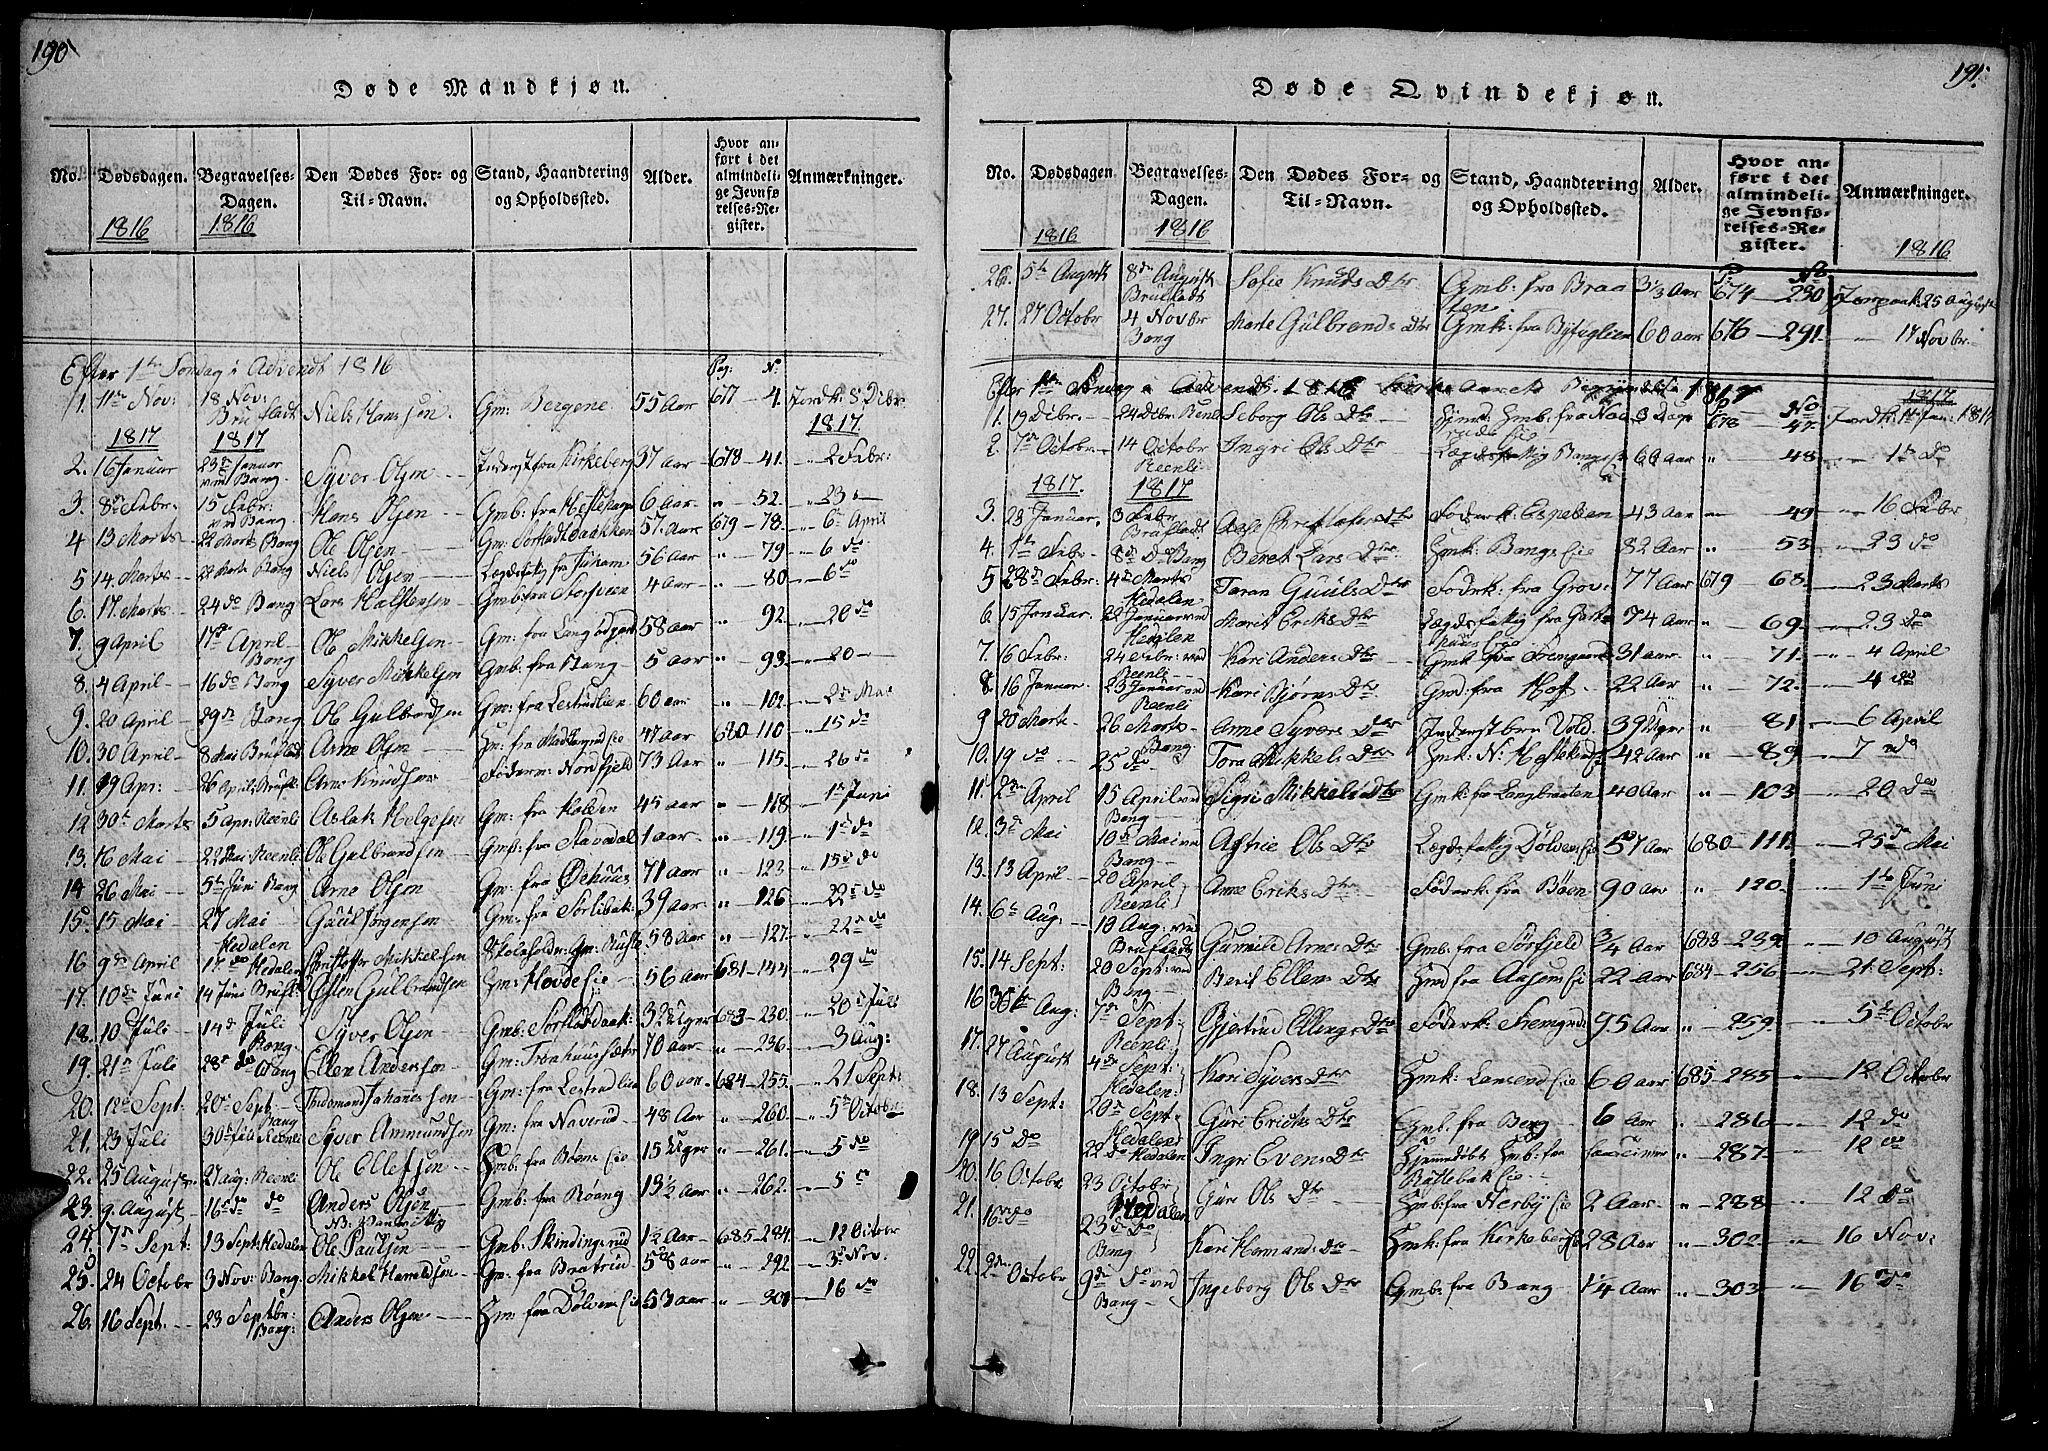 SAH, Sør-Aurdal prestekontor, Klokkerbok nr. 1, 1815-1826, s. 190-191